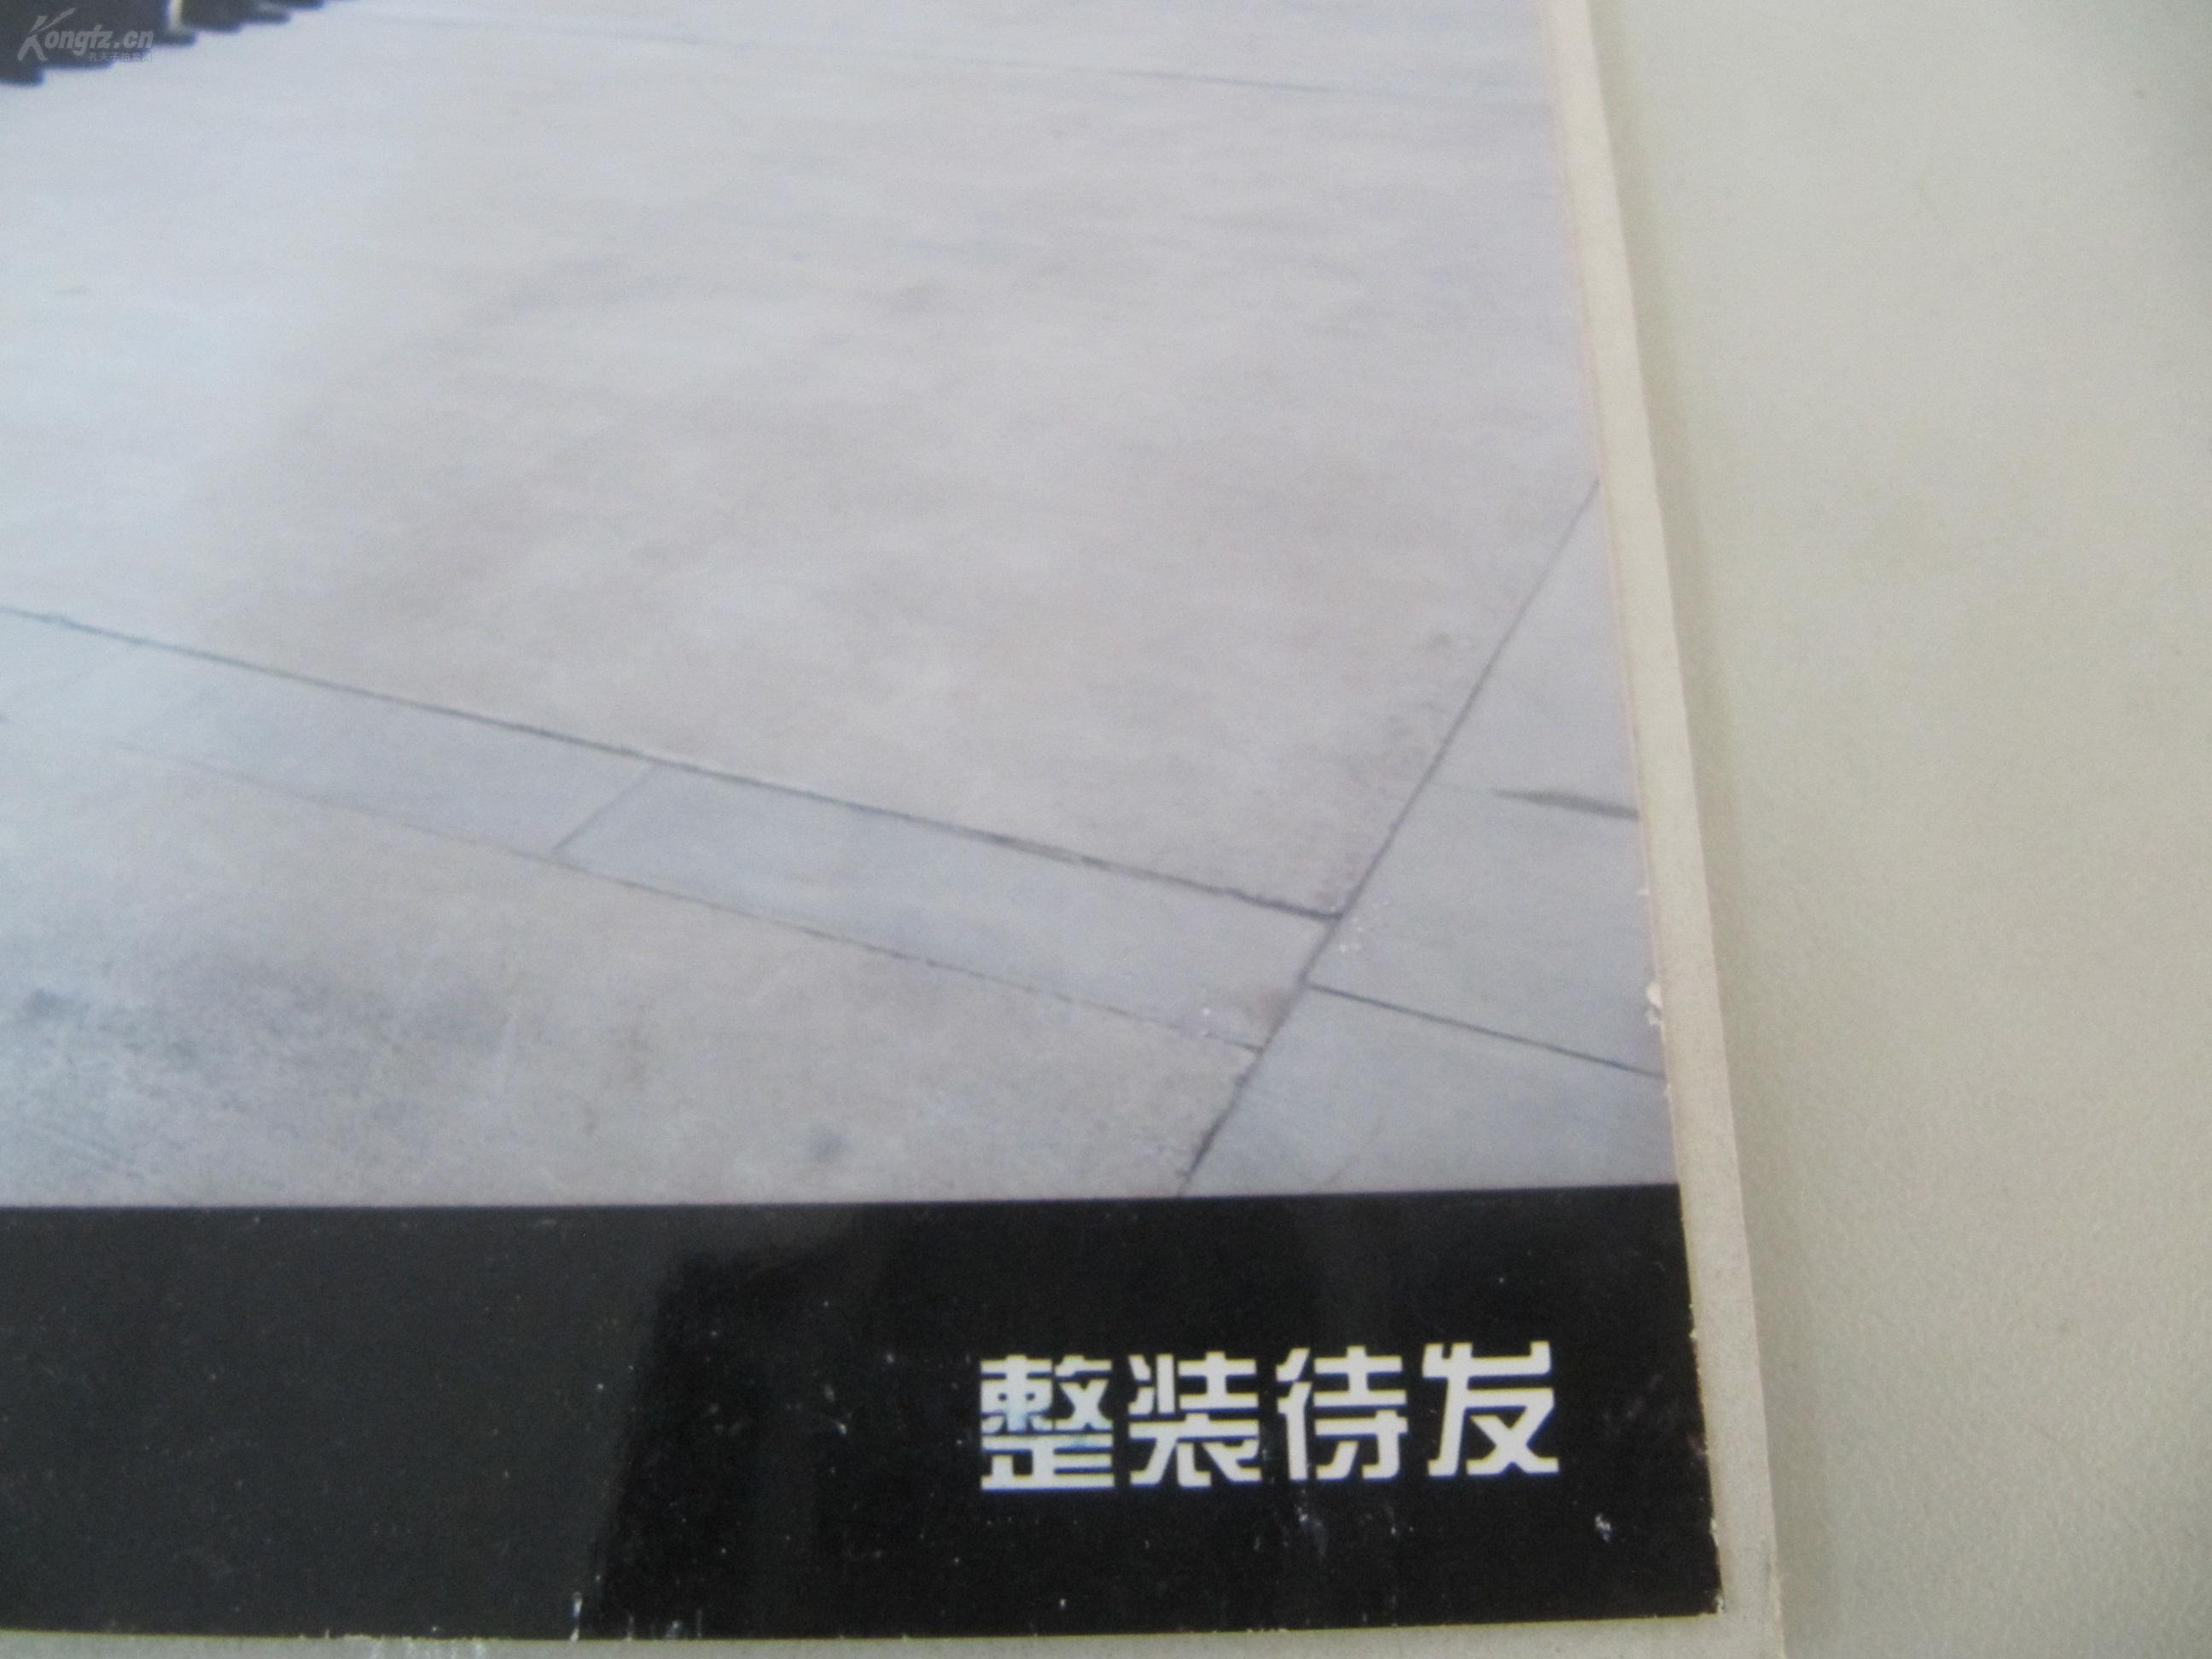 高泽明 军旅摄影照片一张 整装待发 尺寸25 20厘米